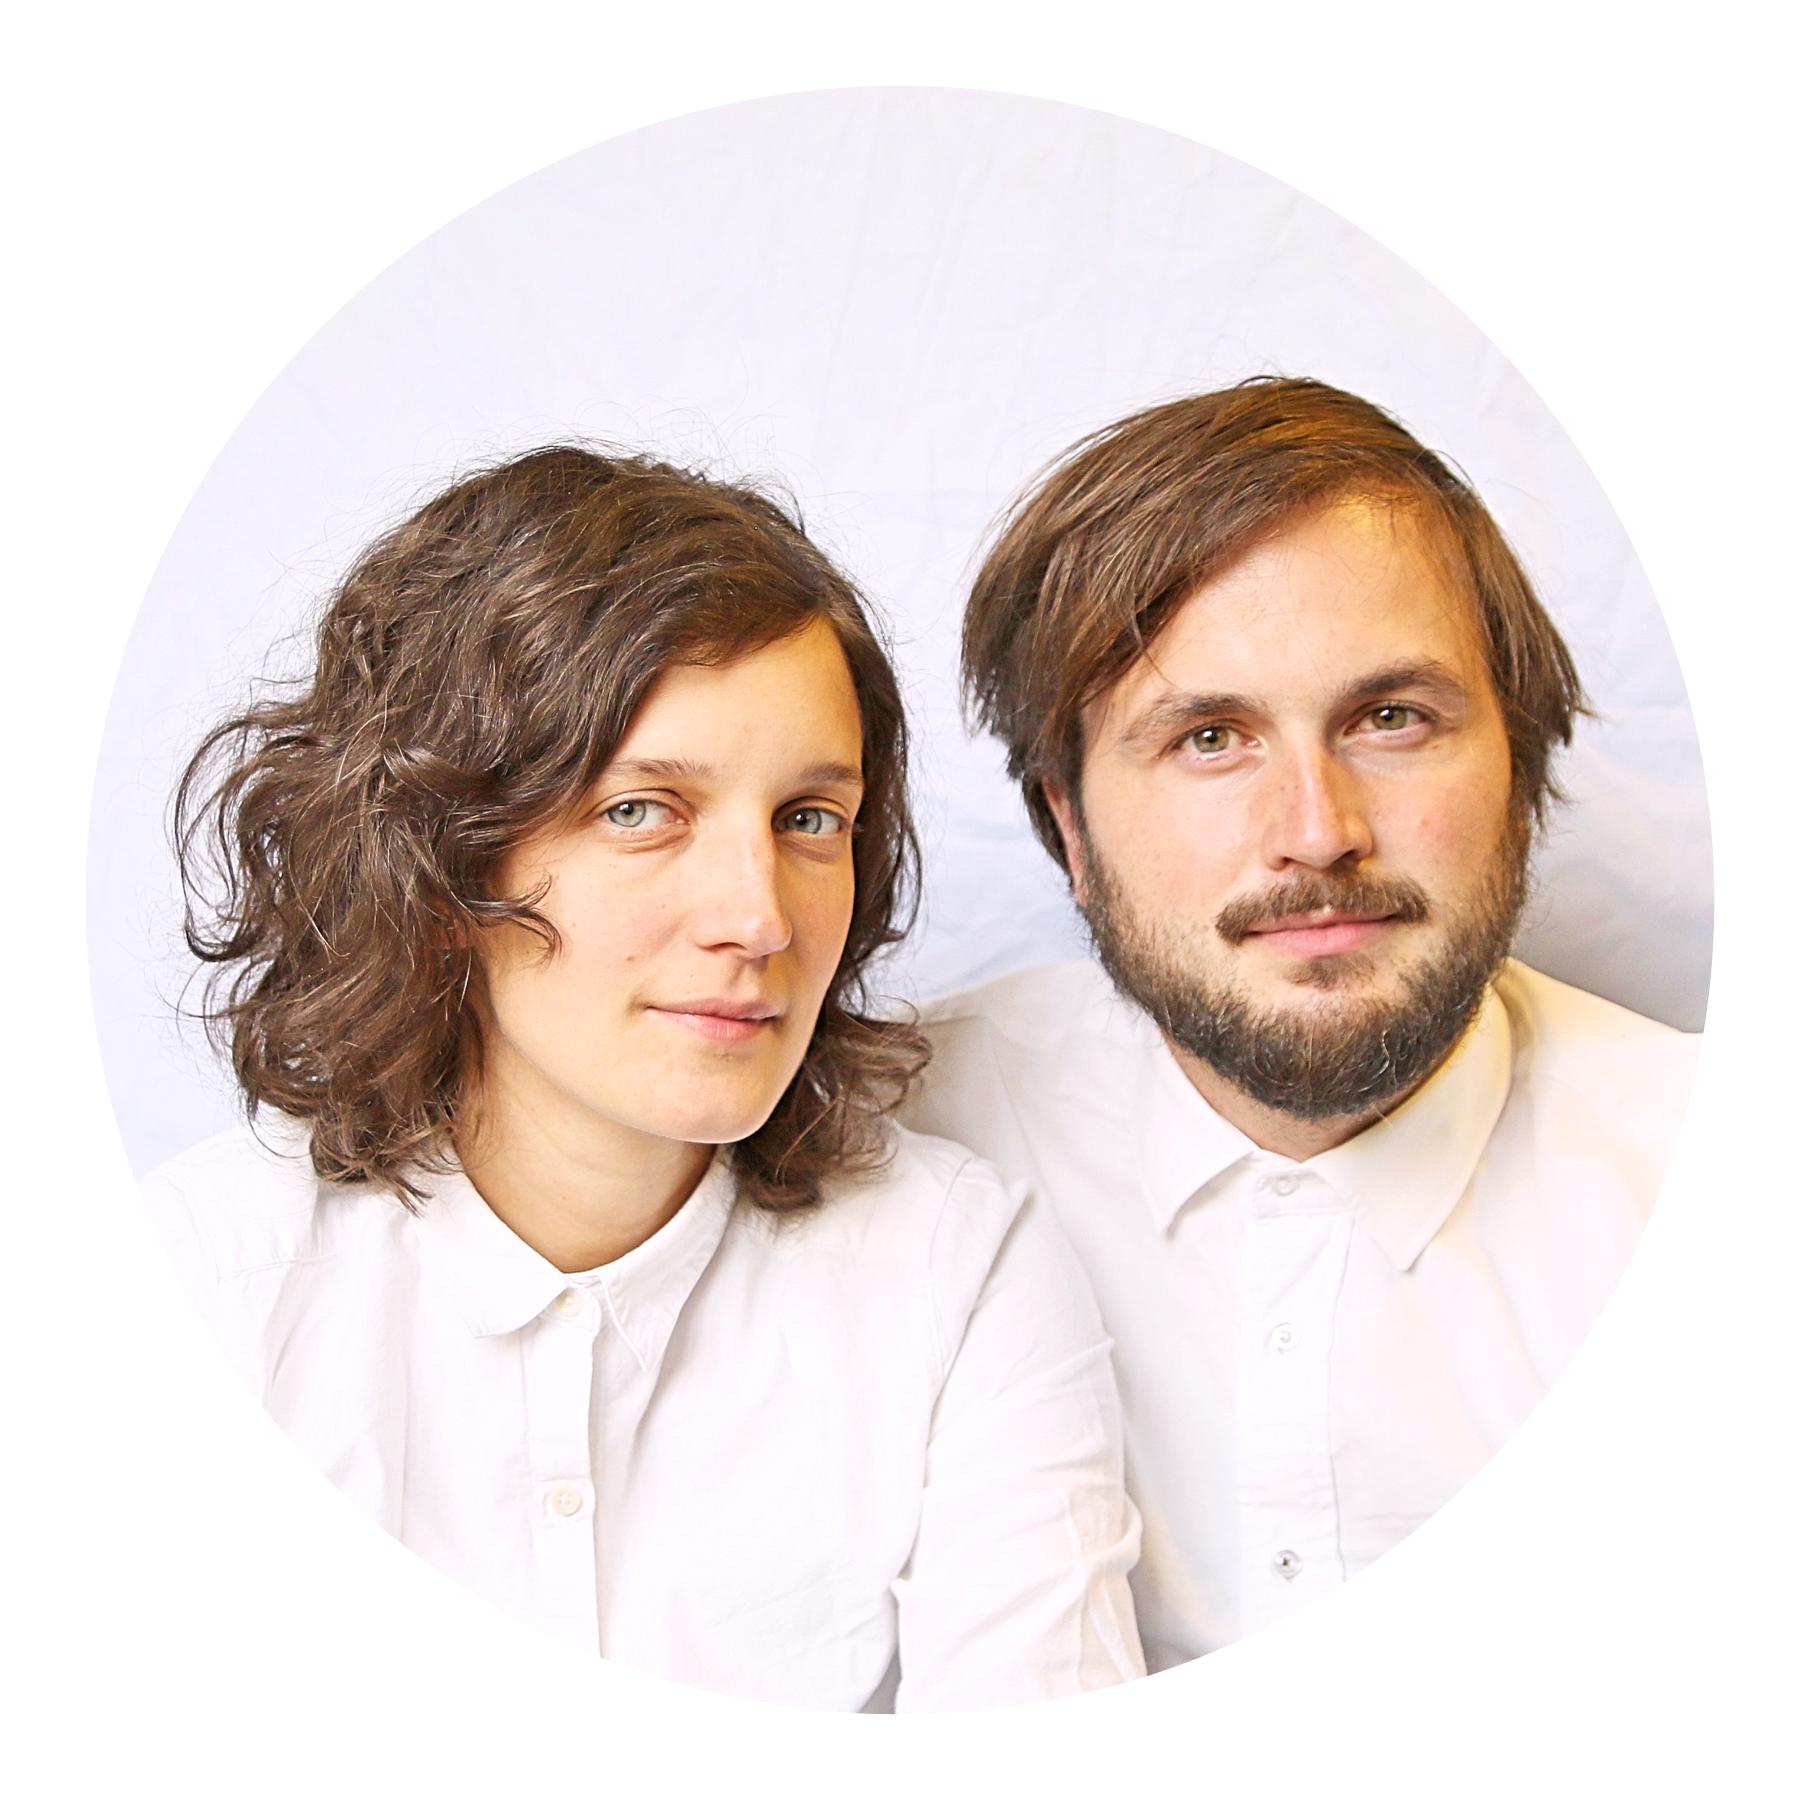 Kurz architekti • Chief Architekt Zuzana Kurz • Chief Executive Officer Jan Kurz